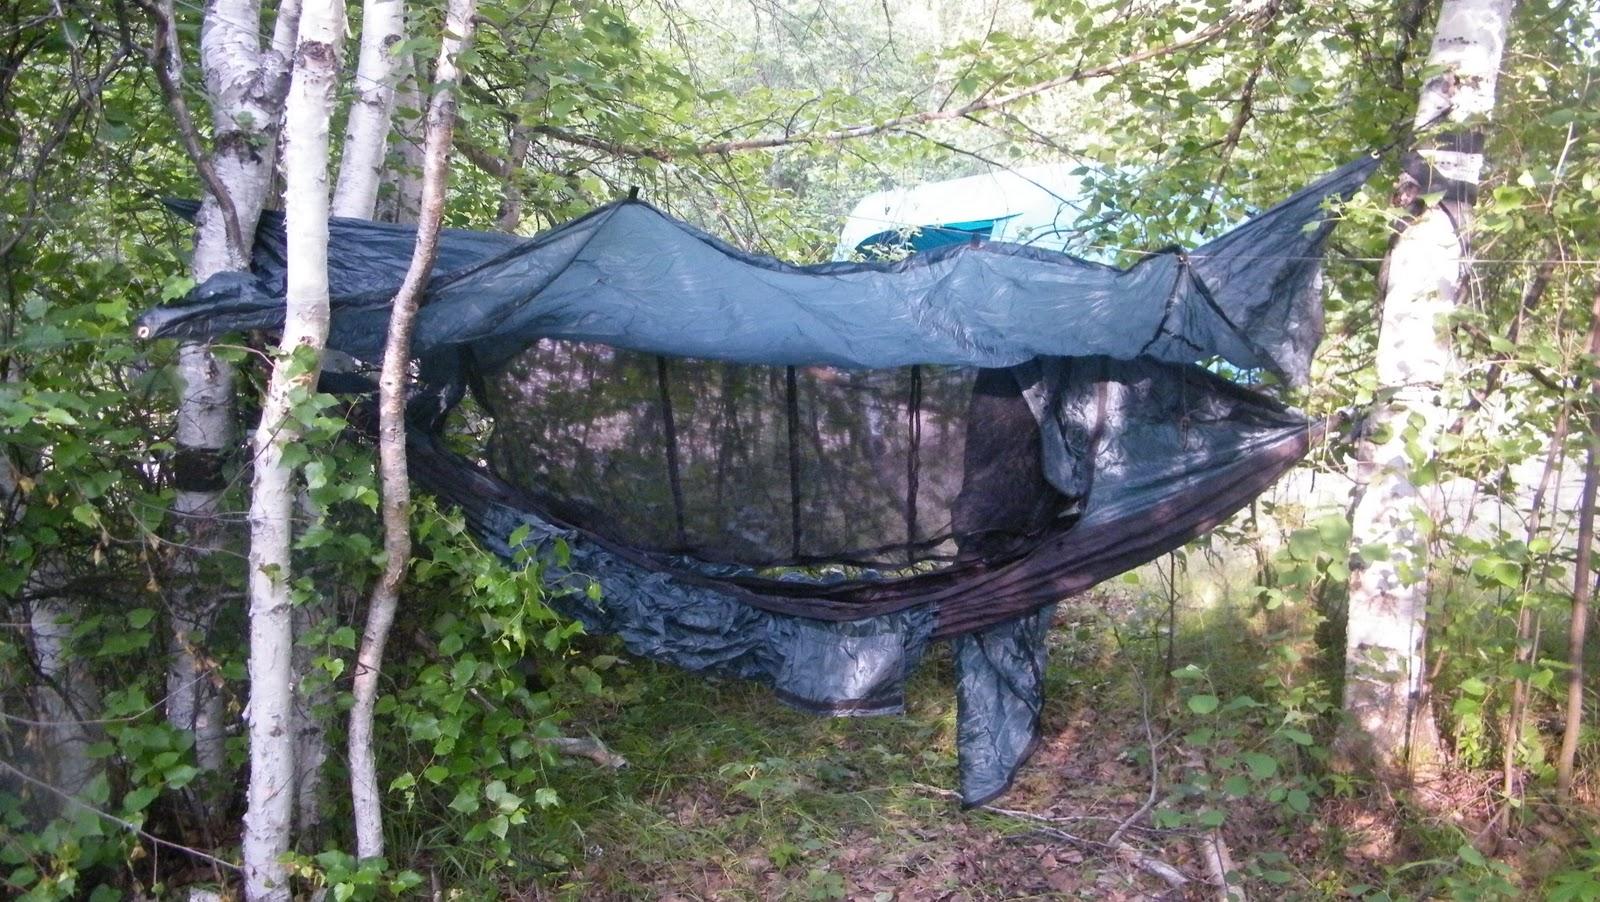 Camping Hammocks With Rain Fly